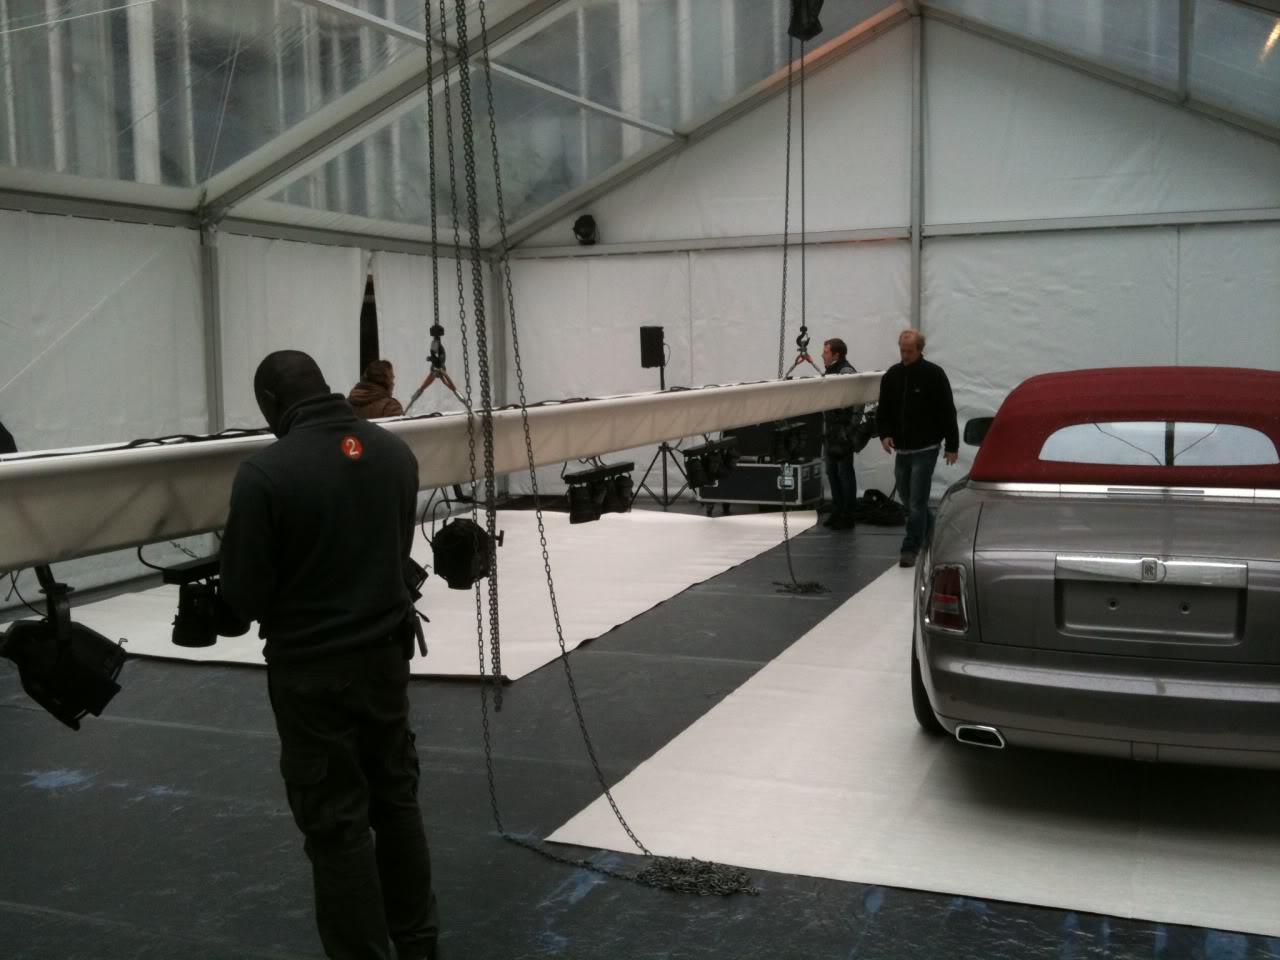 corum - CR Evénement Corum & Rolls-Royce à Bruxelles 25/11 - PHOTOS CORUM-EVENT-08